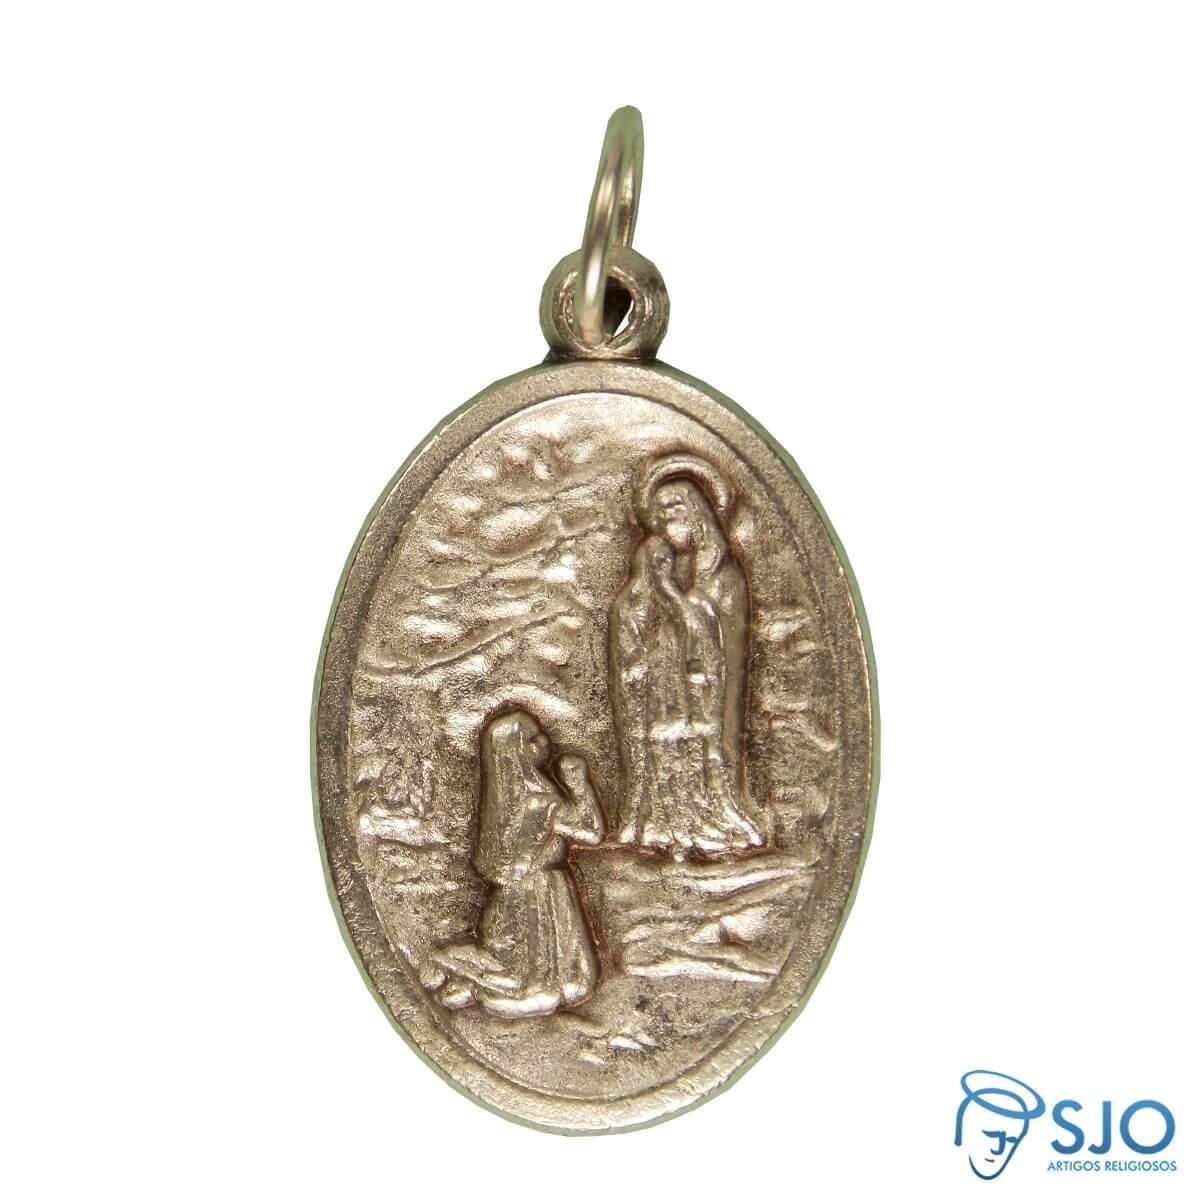 4812edc318745 Clique para ver a imagem maior. Medalha de Nossa Senhora de Lourdes com  Bernadete ...